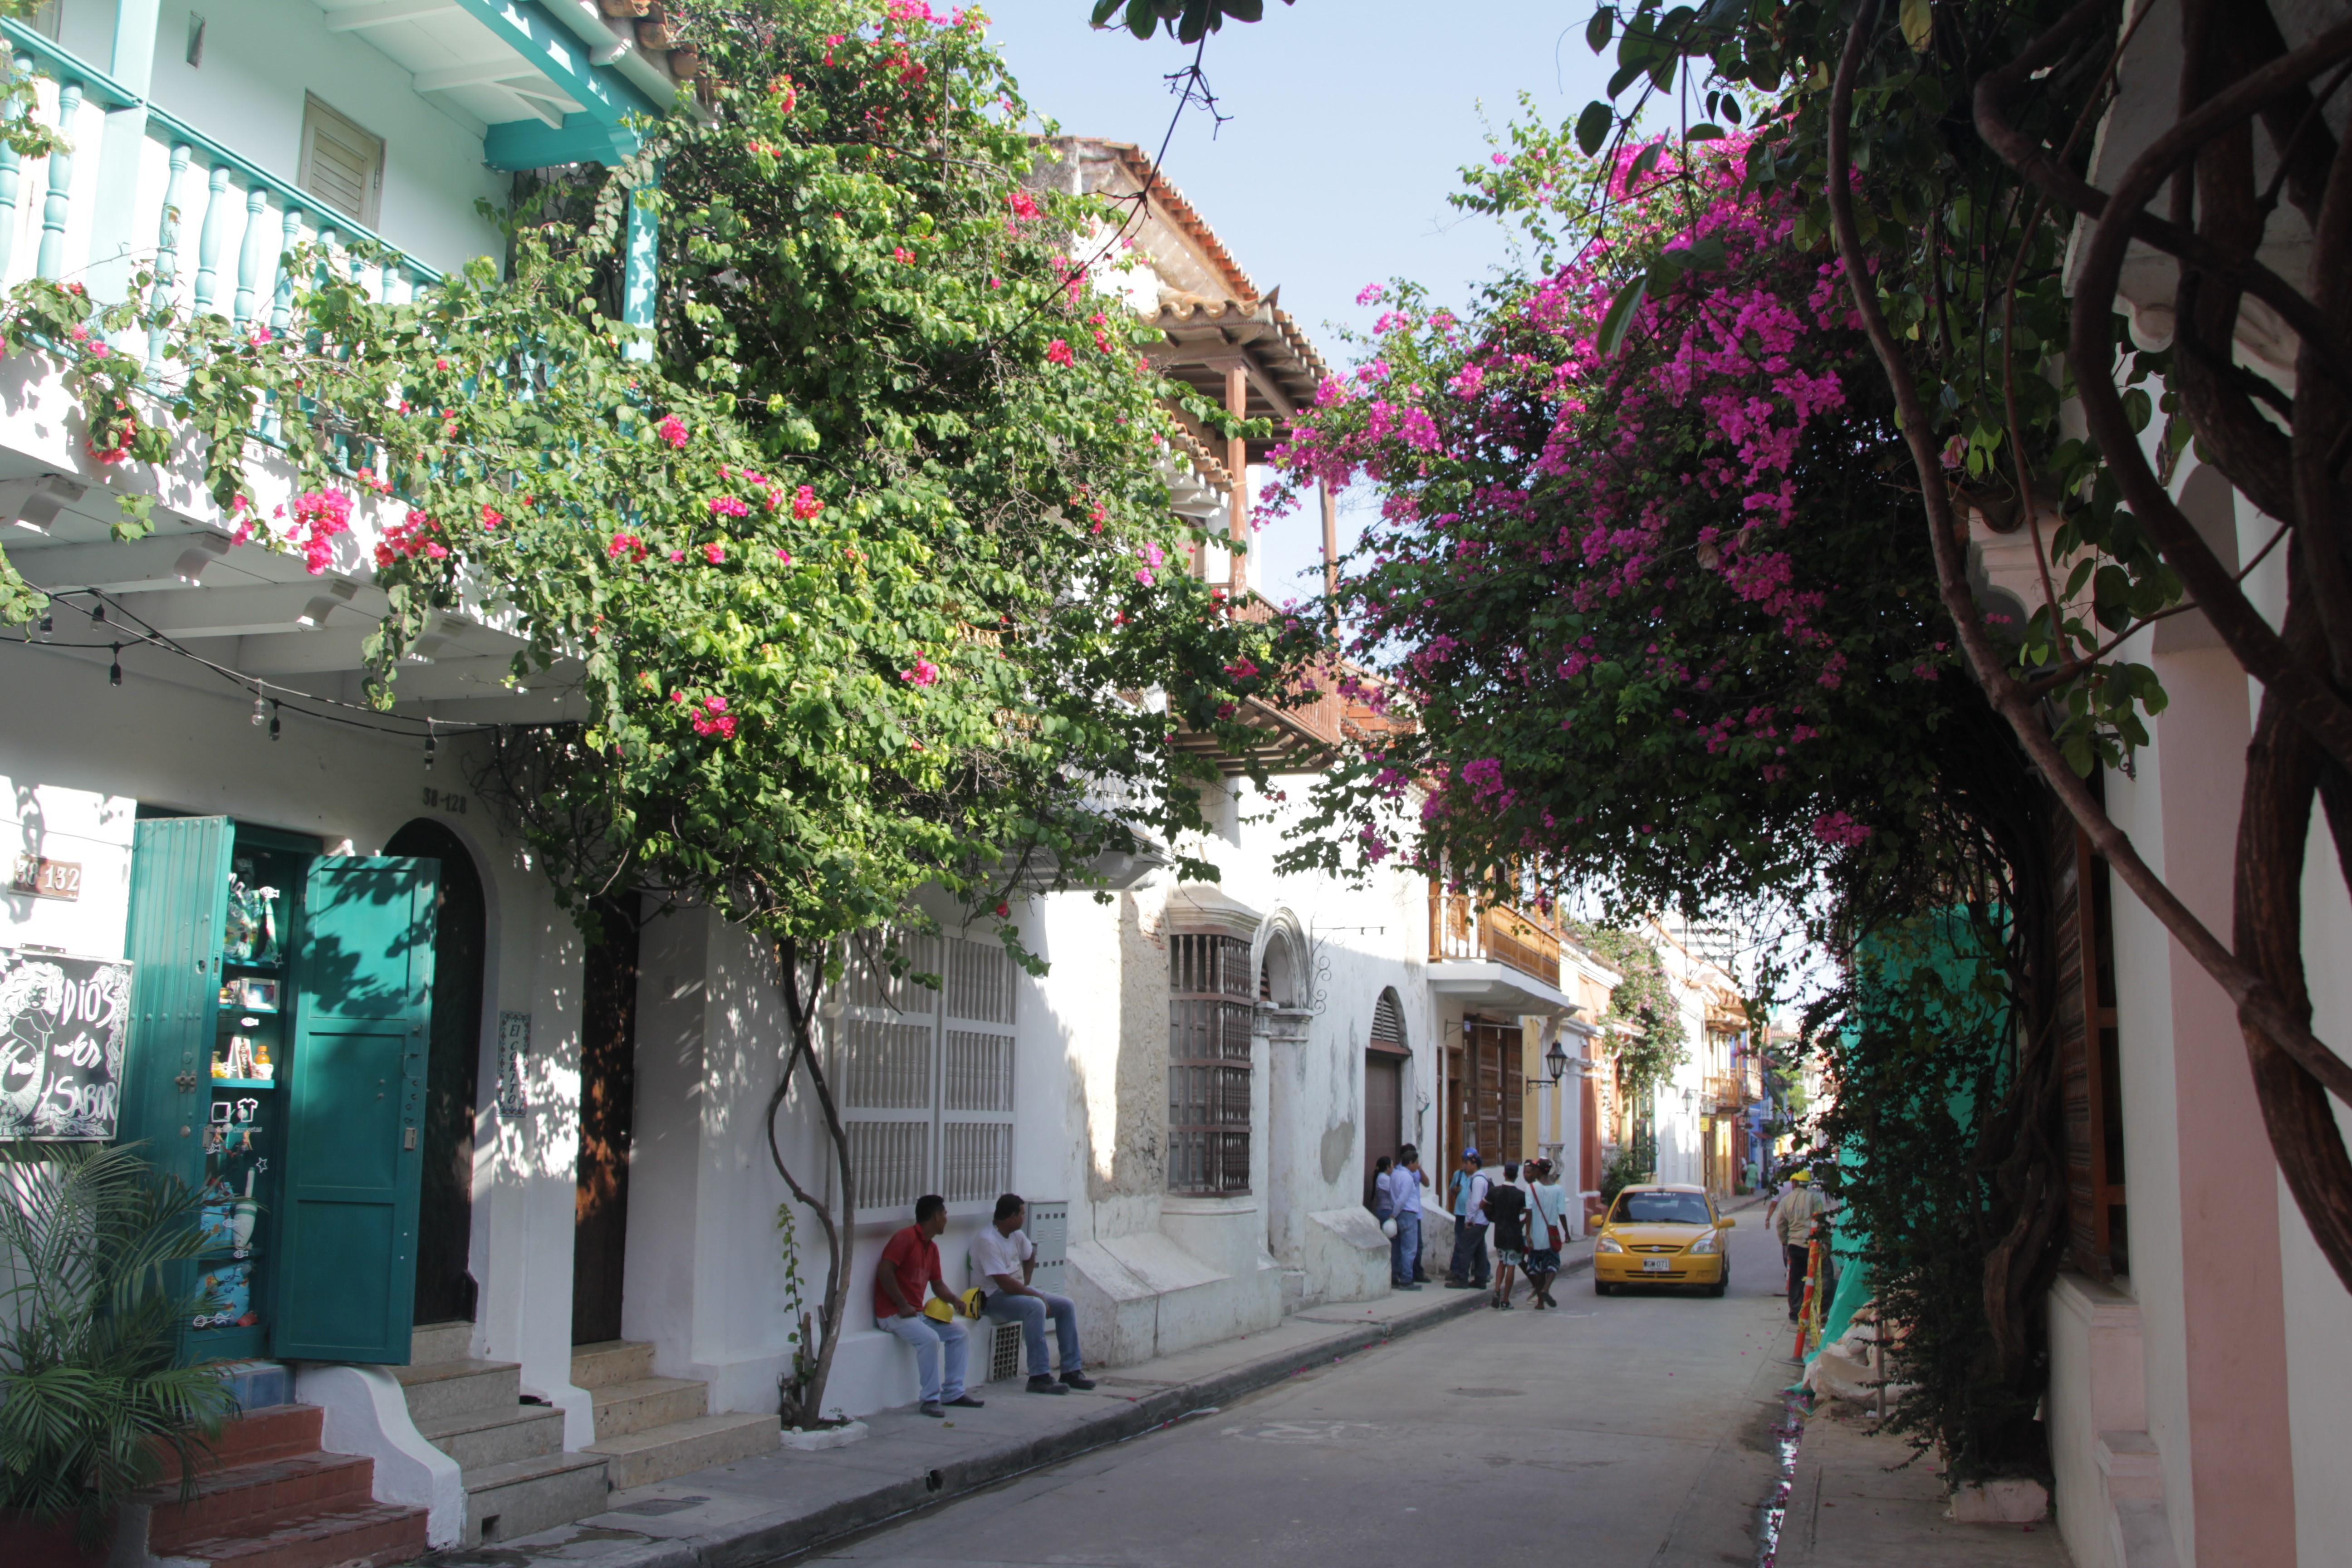 Les plantes et les fleurs envahissent les murs des maisons et offrent de l'ombre aux passants (© Jérôme Decoster).